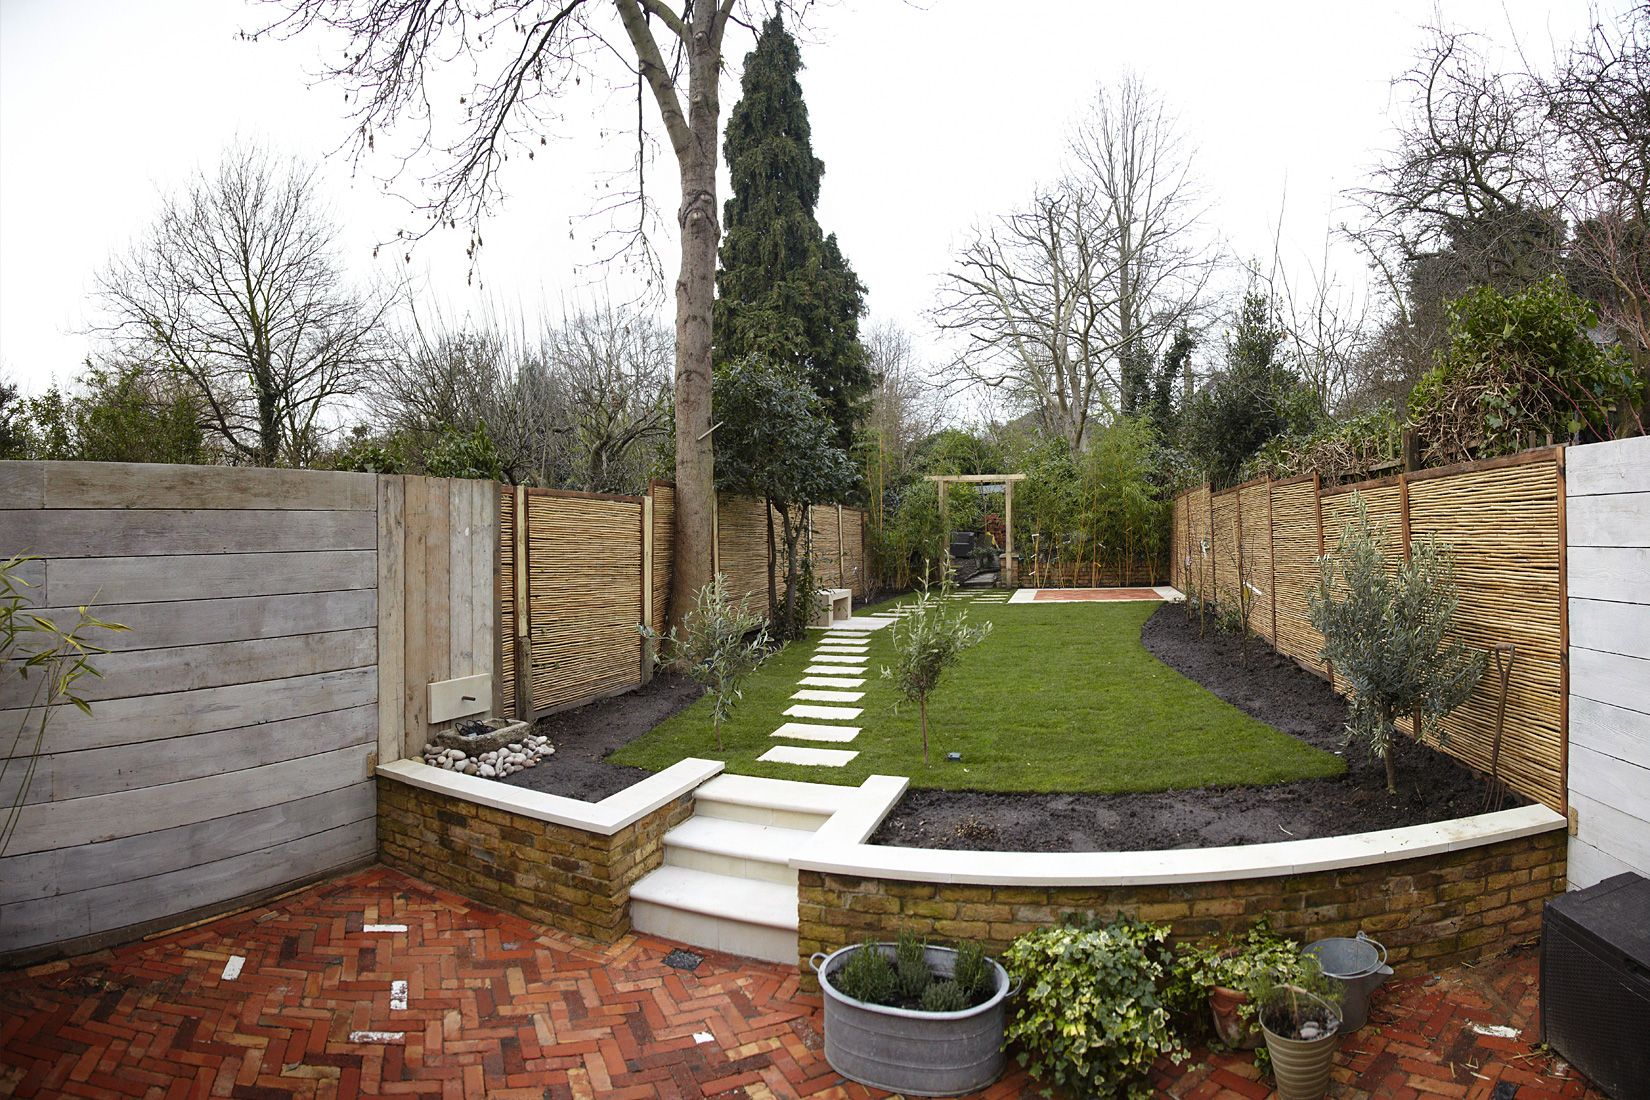 Pin by Becky D on Garden | Sloped garden, Small garden ...